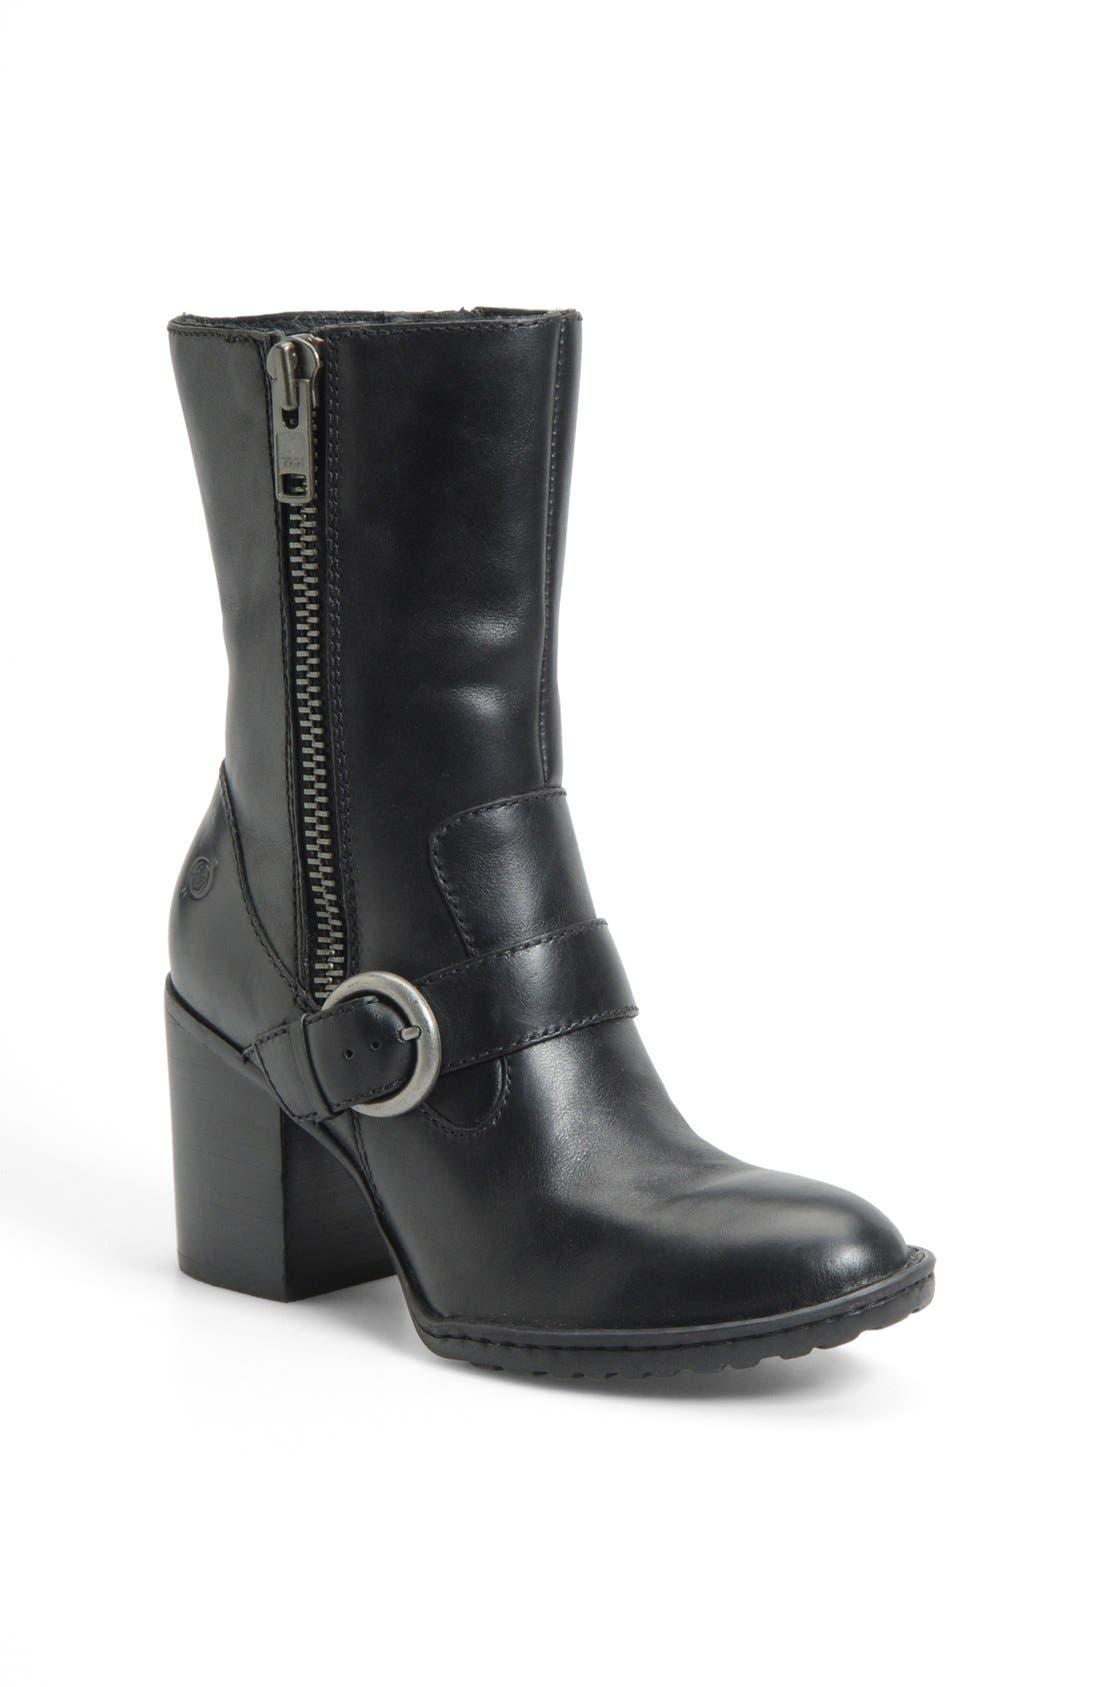 Alternate Image 1 Selected - Børn 'Camryn' Short Boot